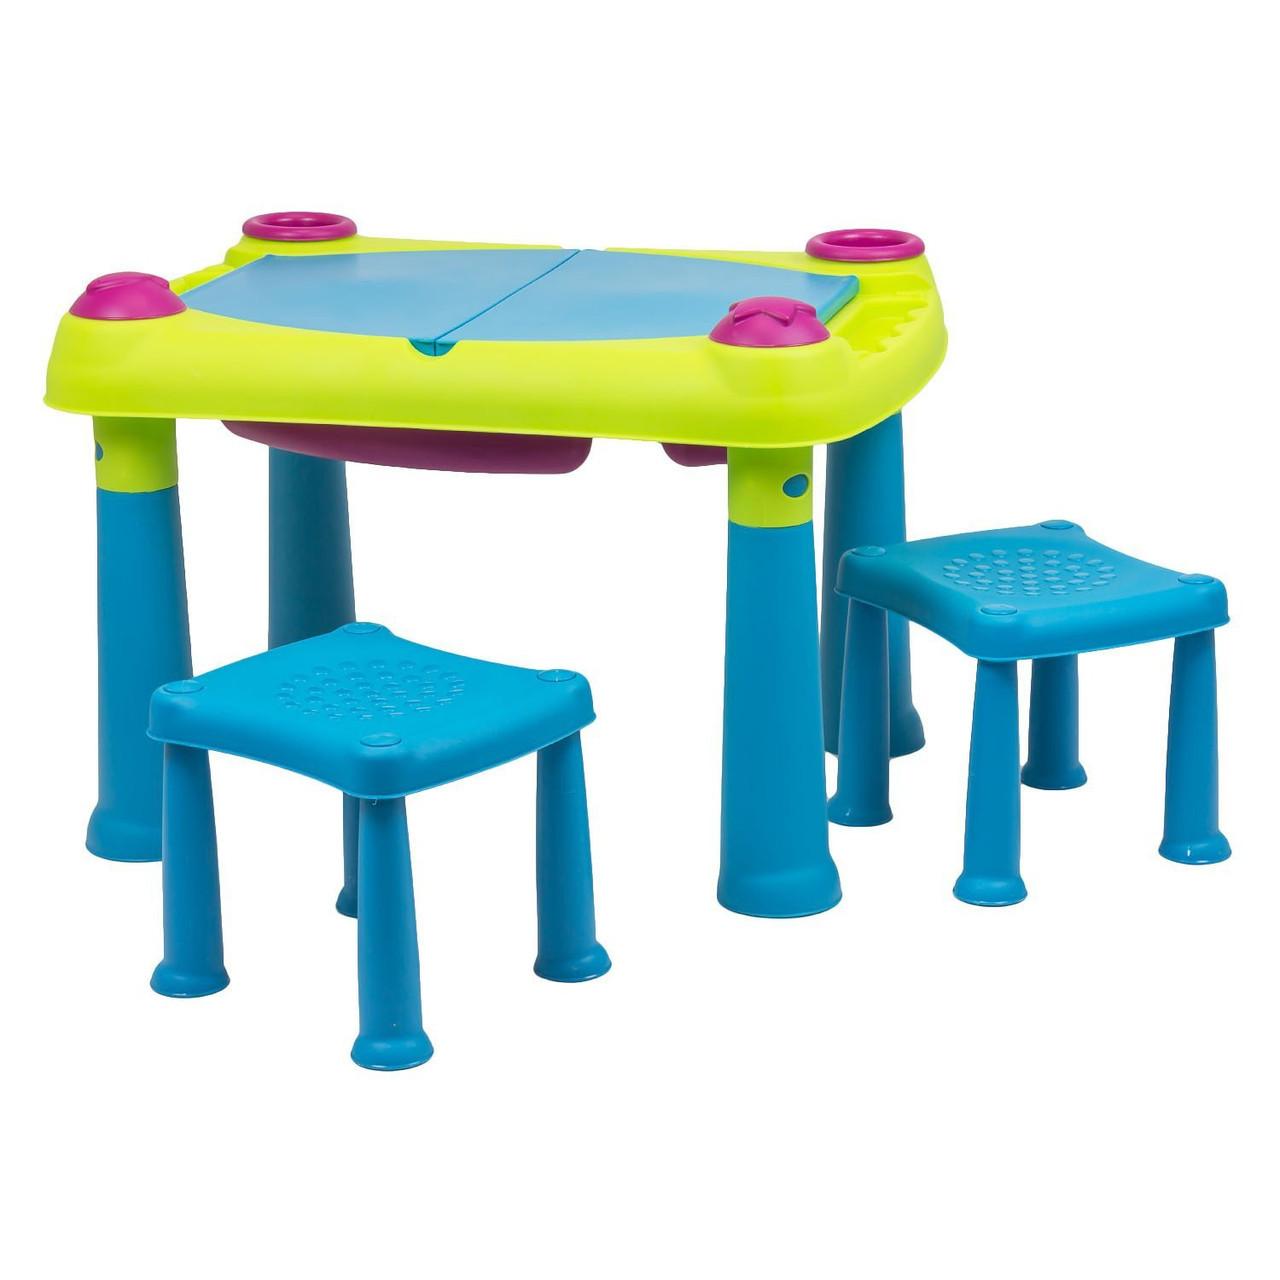 Игровой столик Keter Kids Creative Play